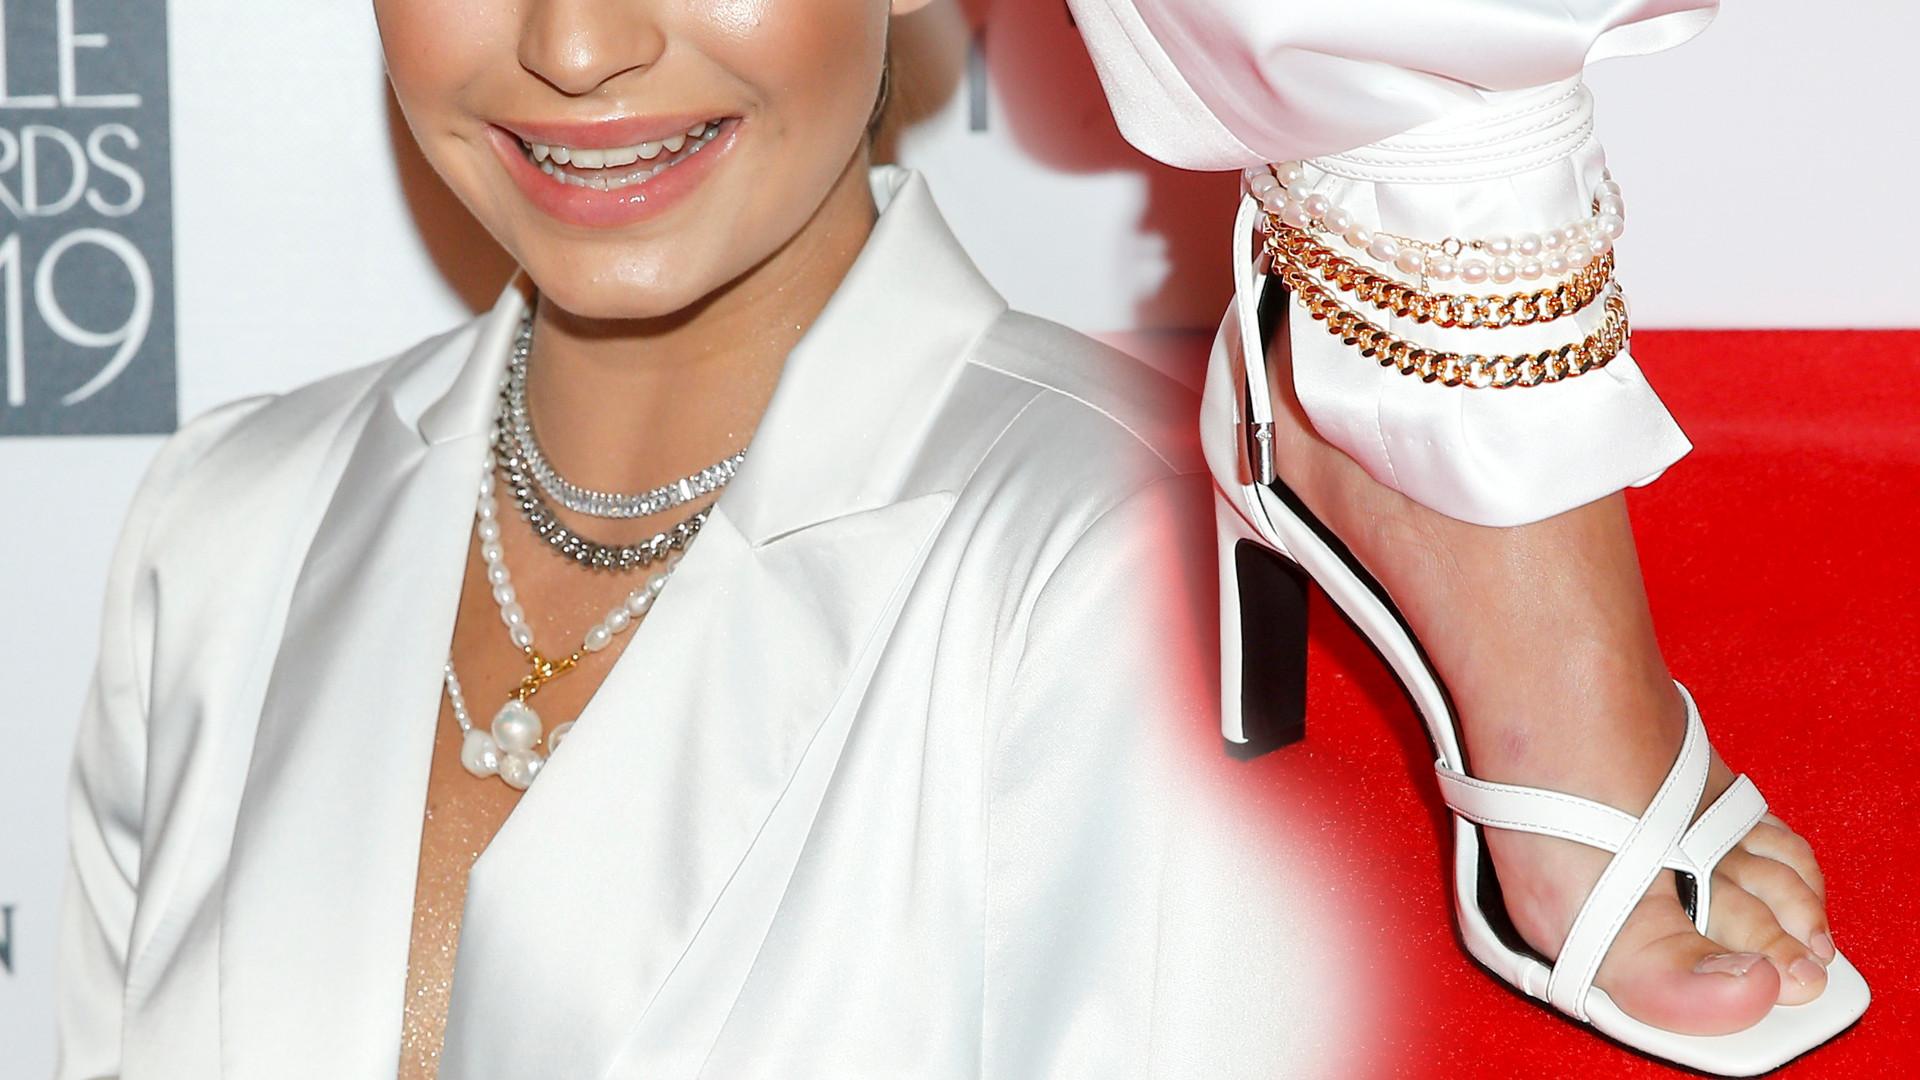 Julia Wieniawa ZASKOCZYŁA makijażem – bez stanika jak Jennifer Lopez (ZDJĘCIA)